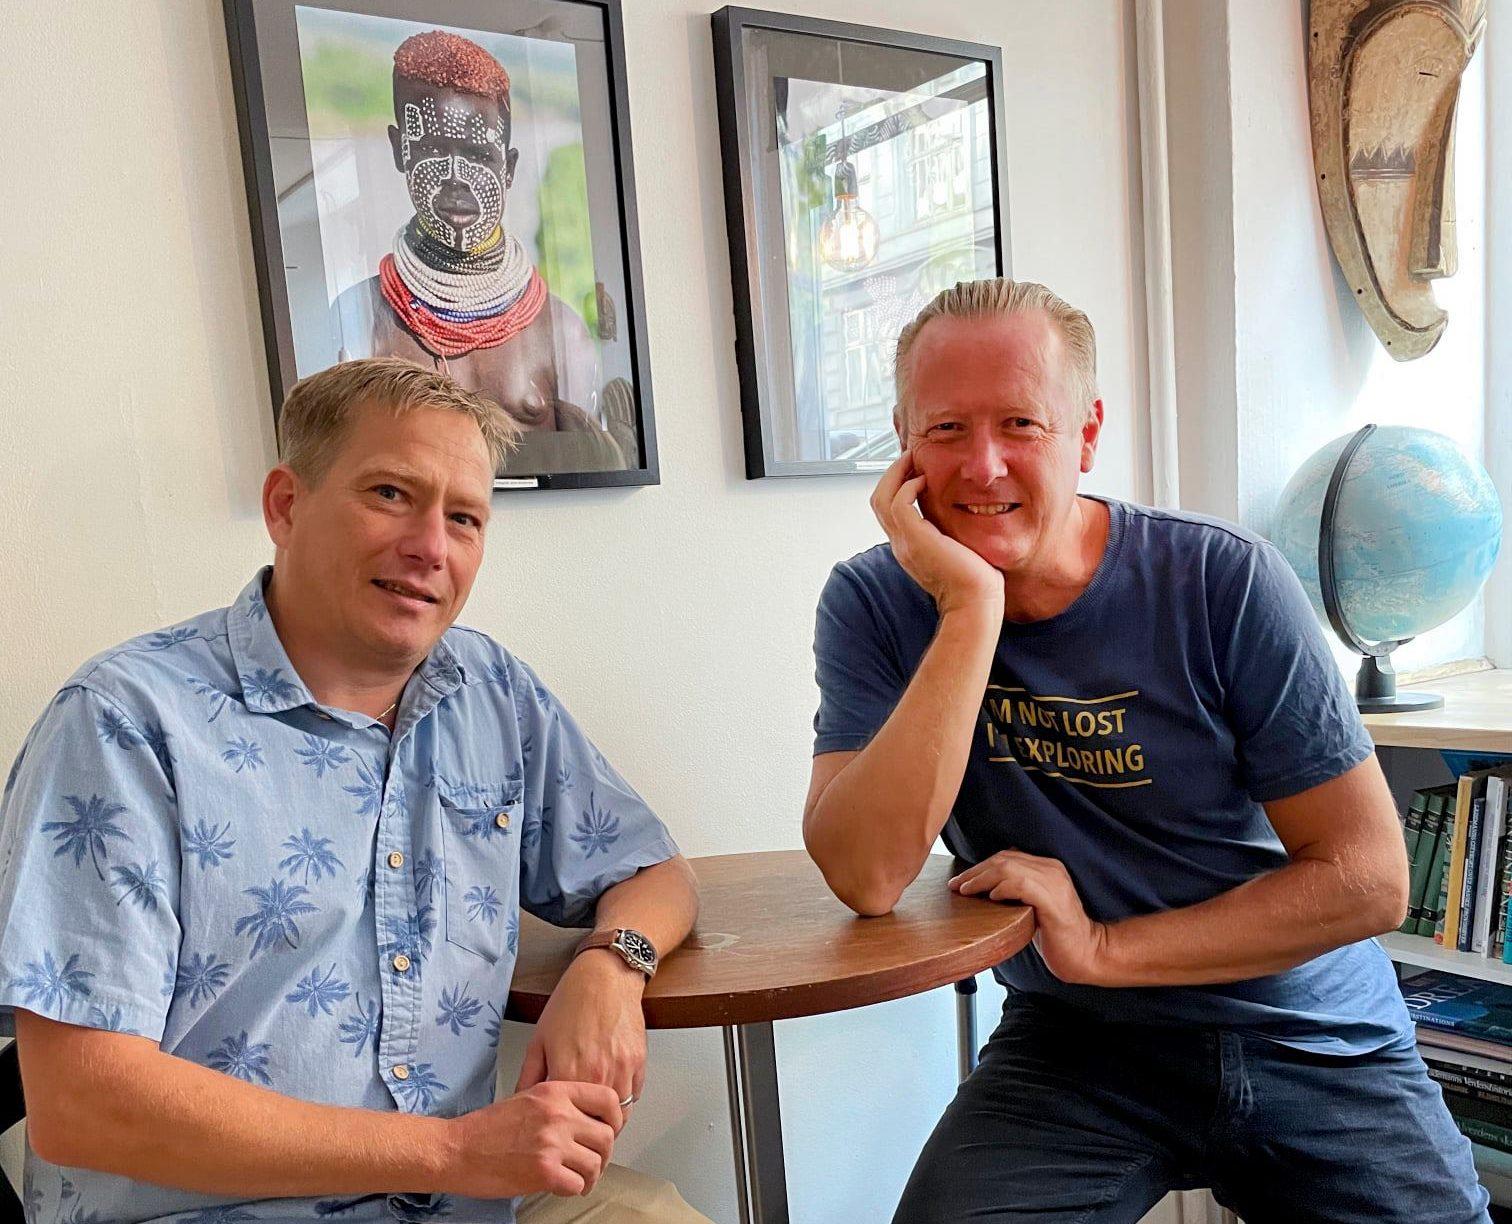 Fra lørdagens 25-års jubilæum i De Berejstes Klub. Den nuværende formand Svend Bergmann, til venstre, med foreningens stifter, Ole Egholm. Foto: De Berejstes Klub.